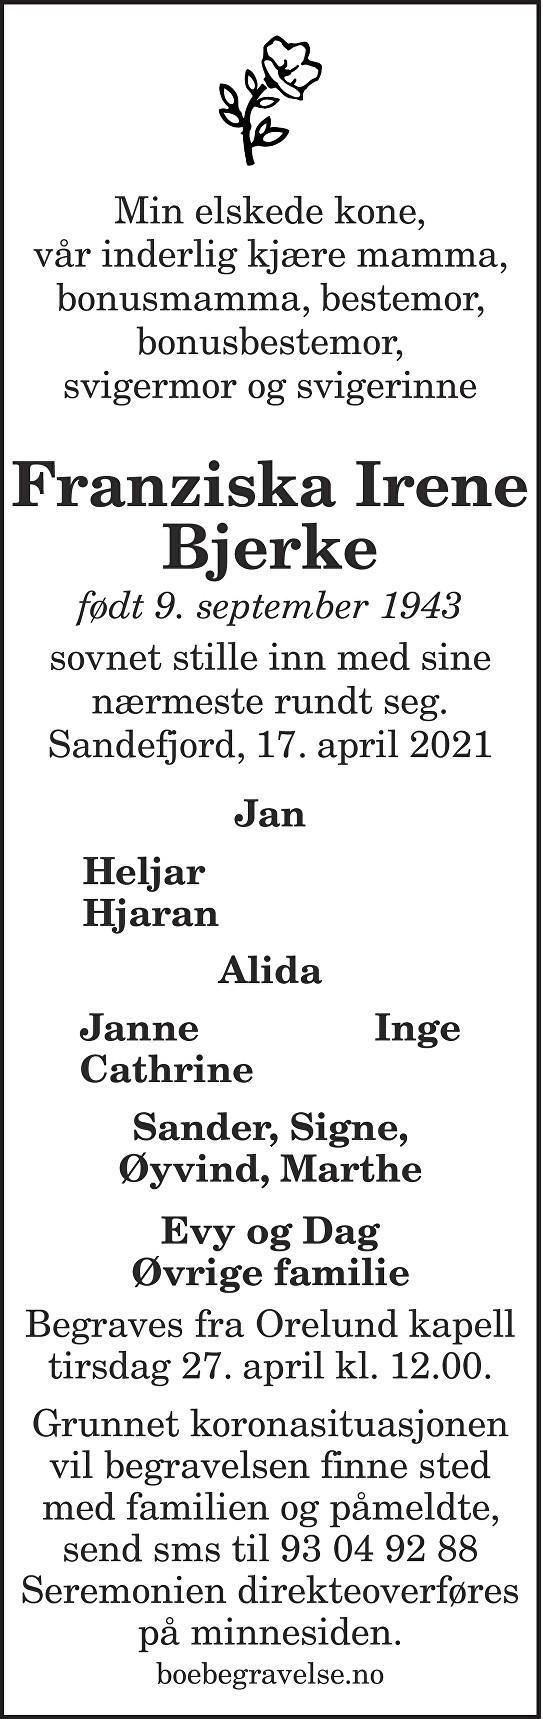 Franziska Irene Bjerke Dødsannonse